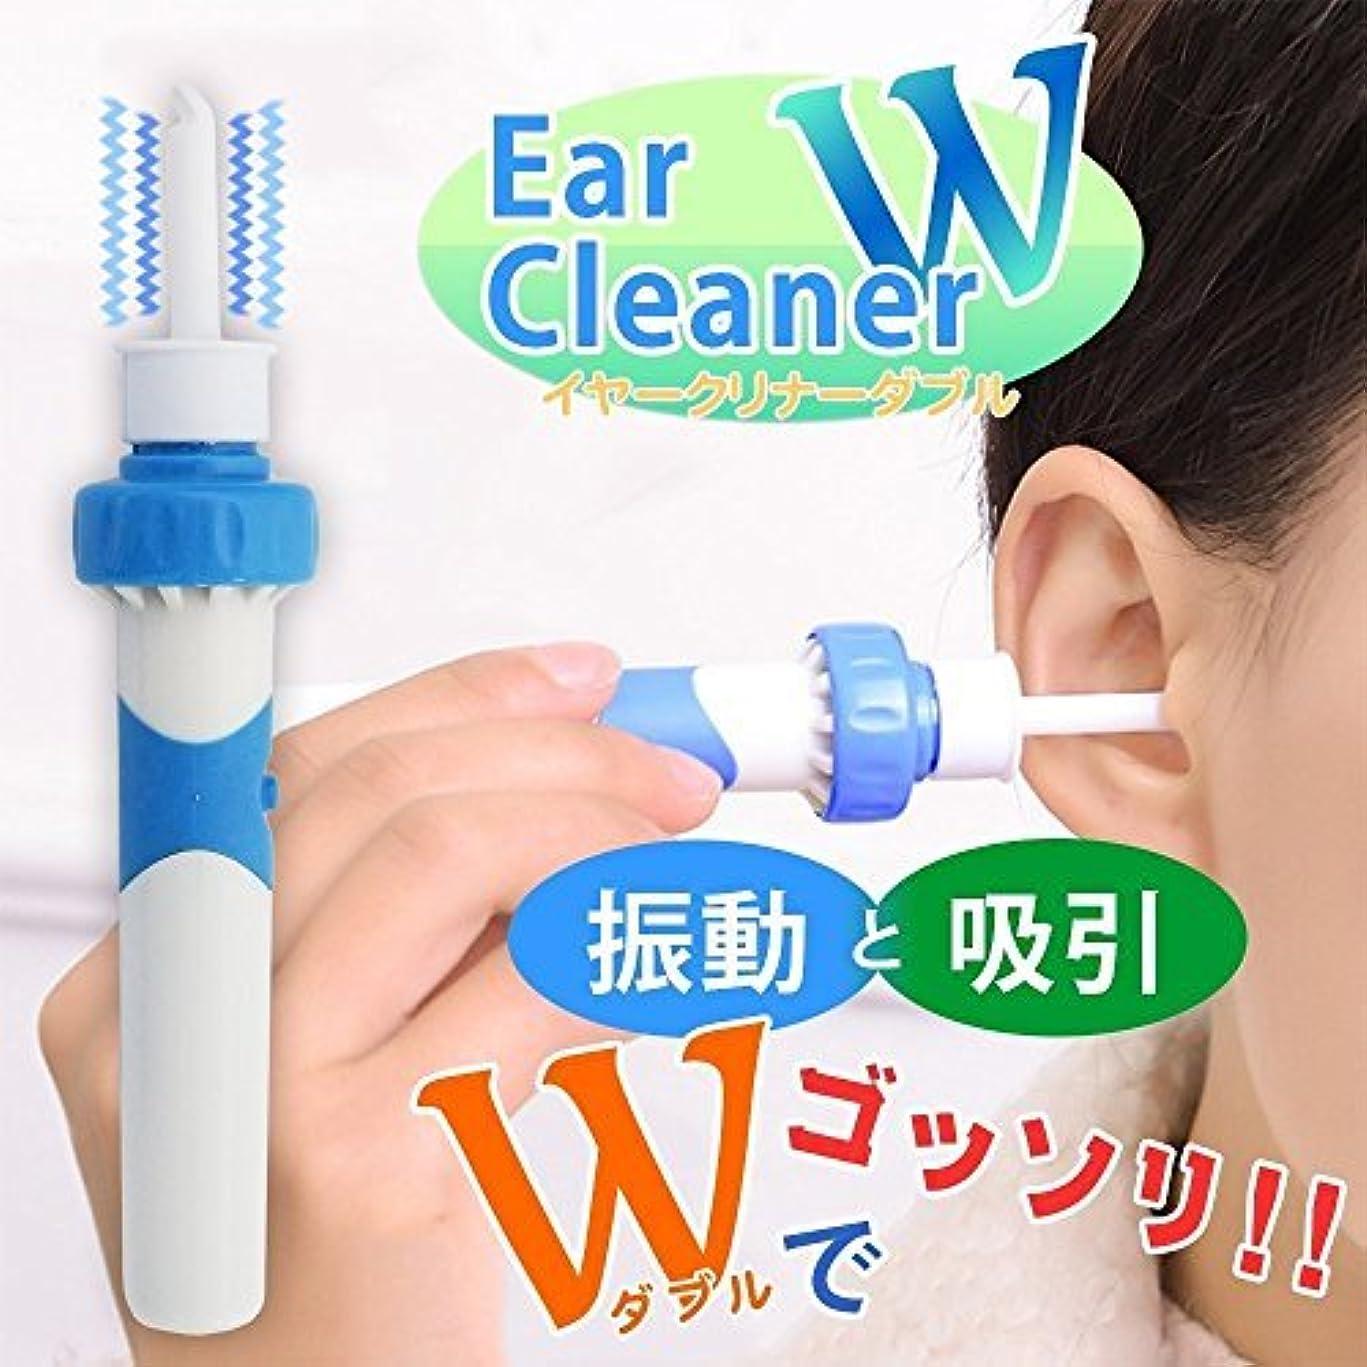 博物館二度警戒CHUI FEN 耳掃除機 電動耳掃除 耳クリーナー 耳掃除 みみそうじ 耳垢 吸引 耳あか吸引